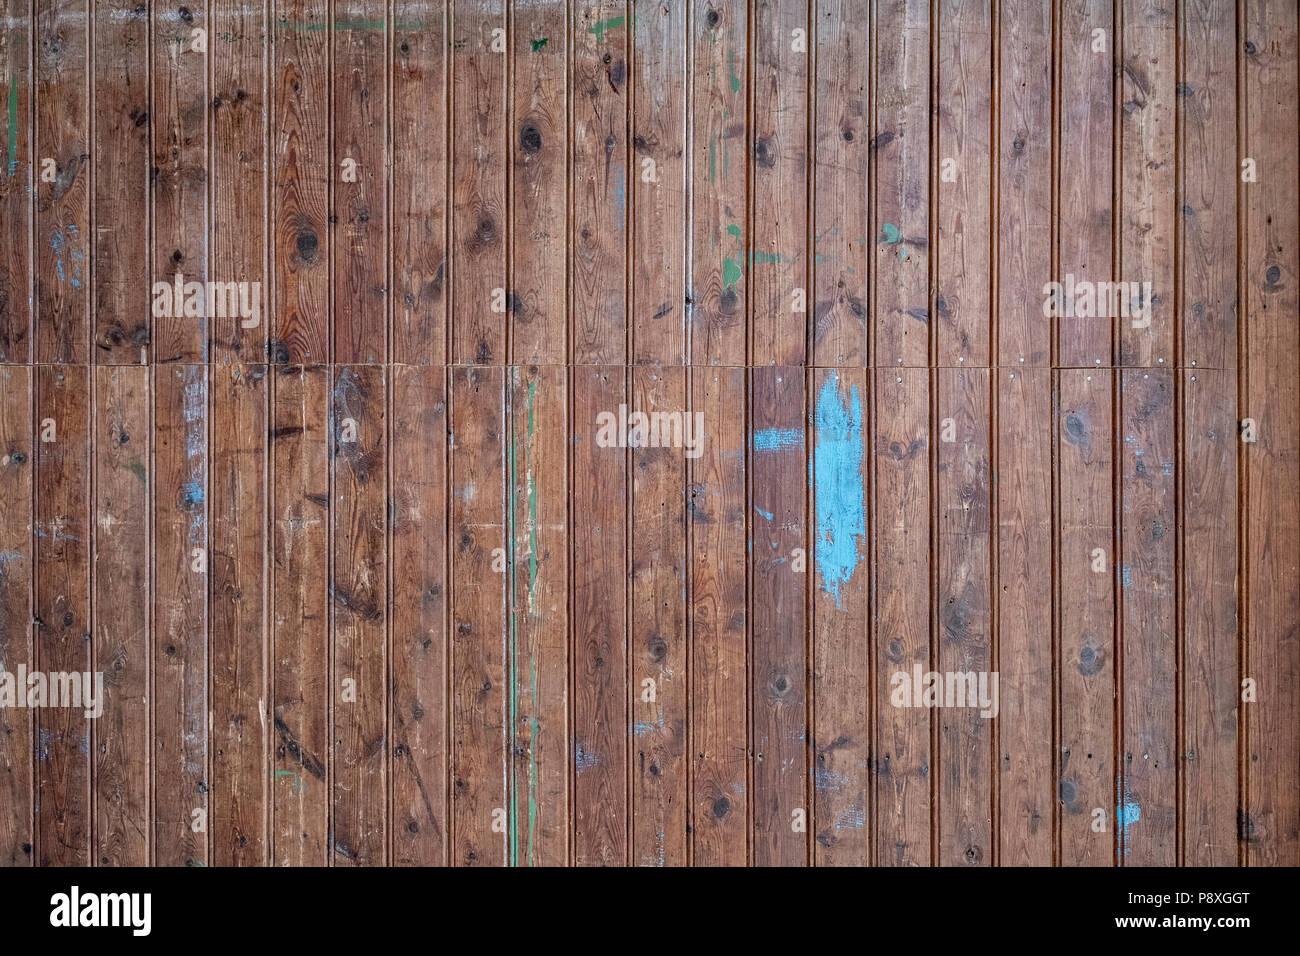 La Texture De Fond Détaillées De Vieux Panneaux De Bois Banque D